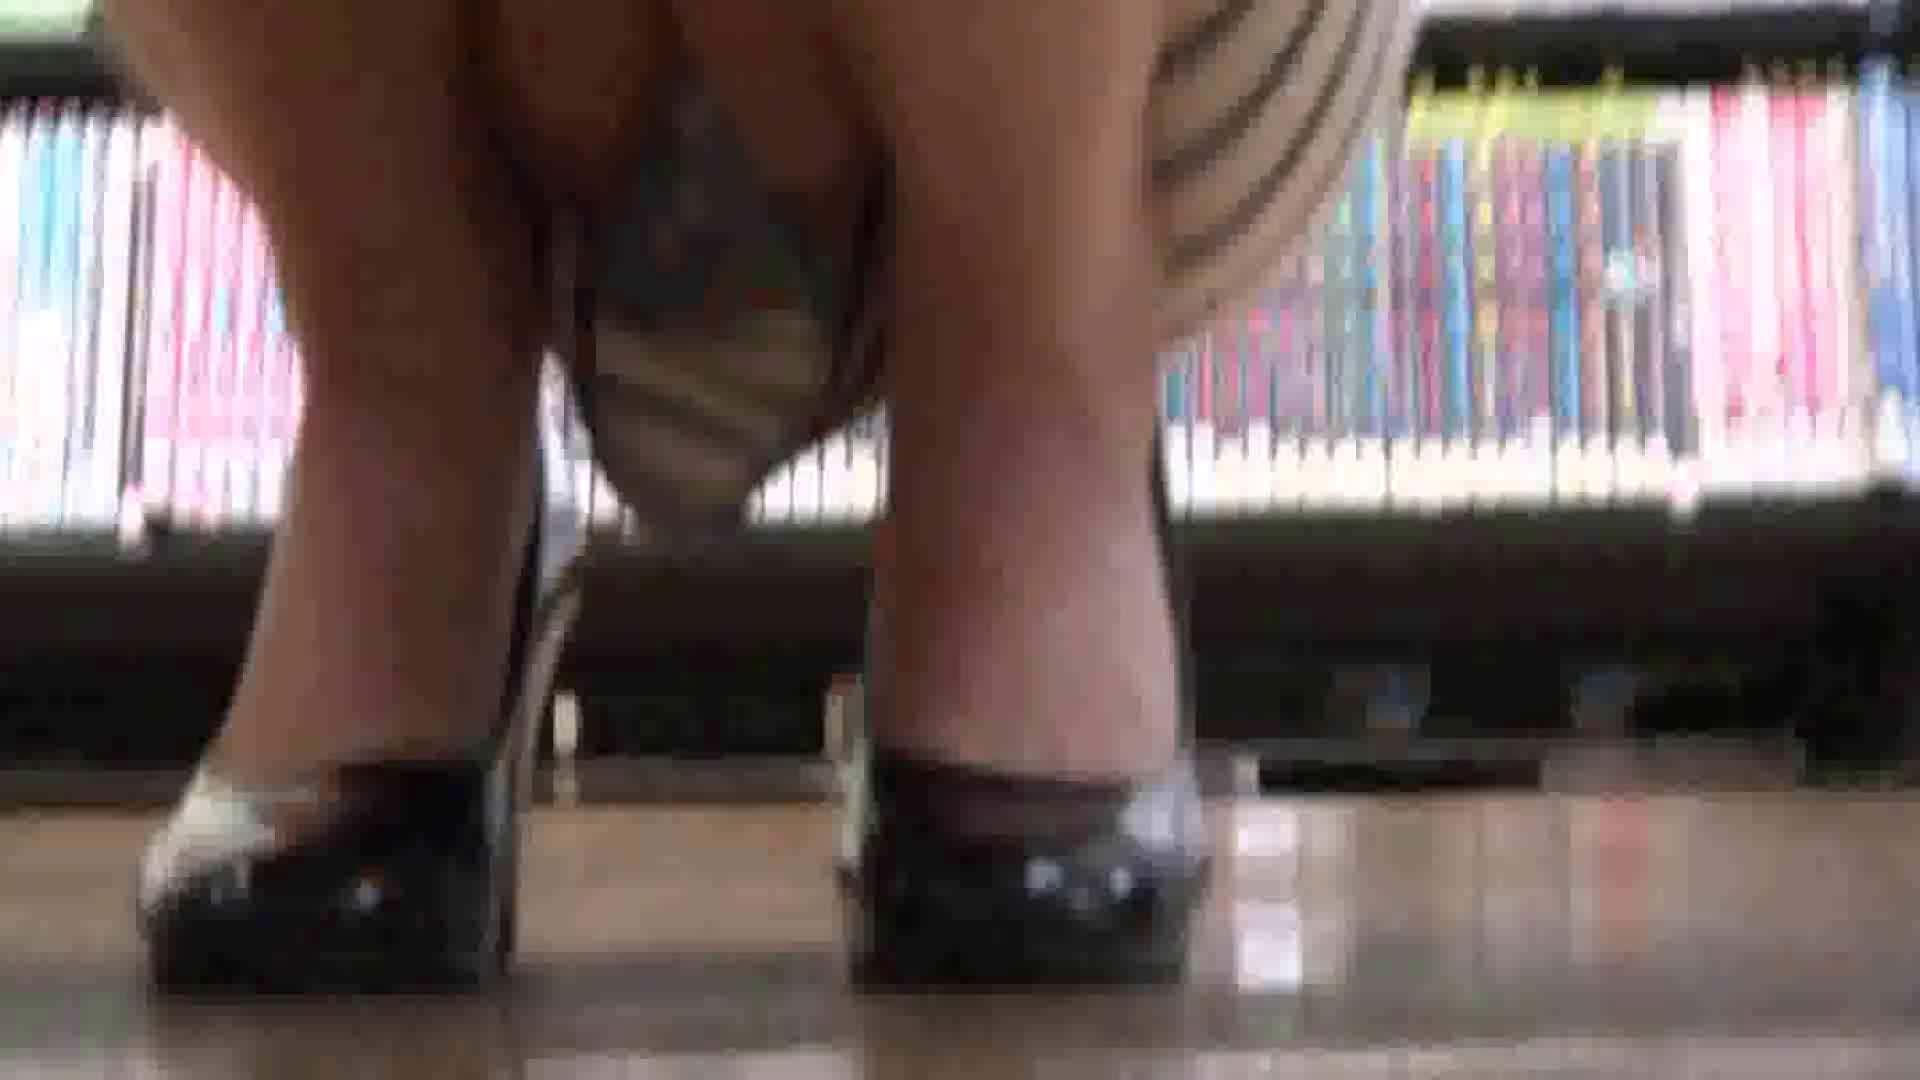 真剣に買い物中のgal達を上から下から狙います。vol.01 すけべなOL | JK  89画像 61